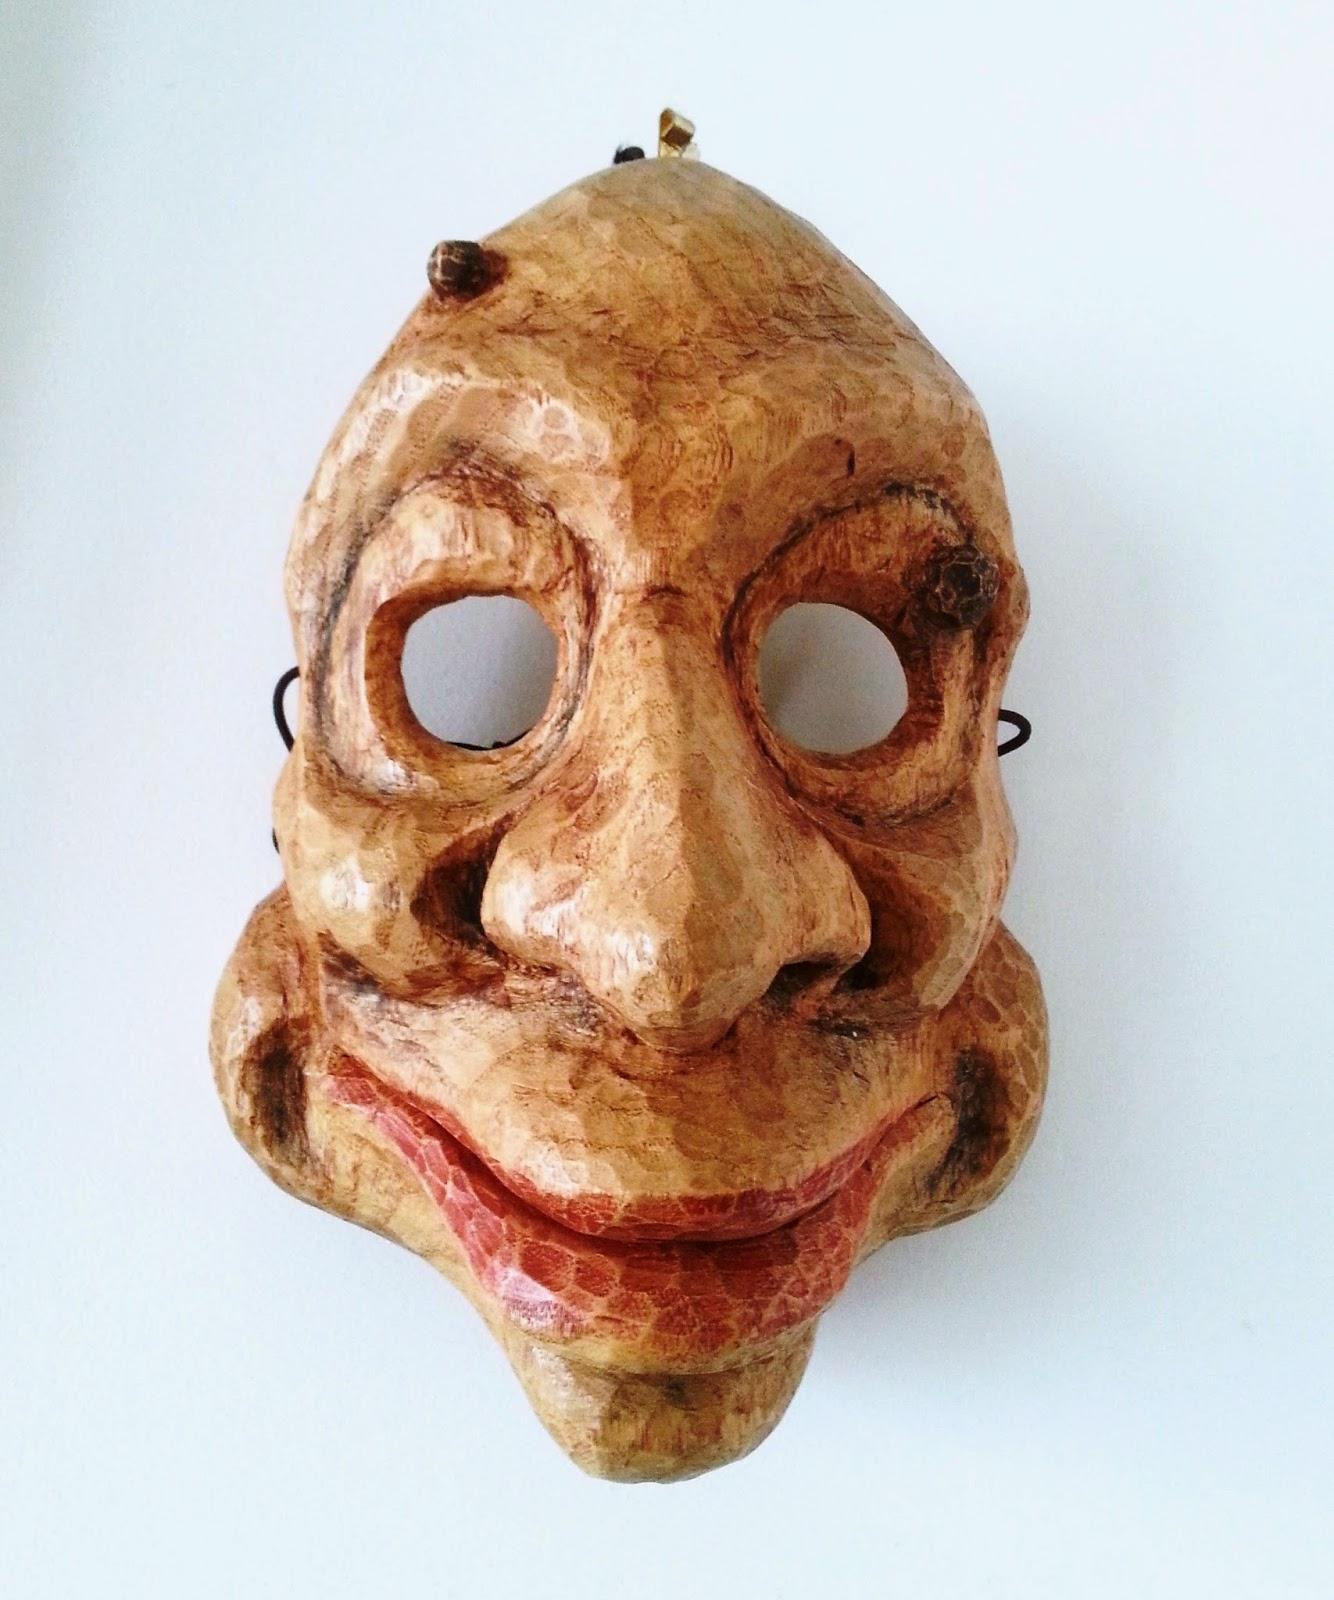 design exquis nouvelle version les clients d'abord Alaric Chagnard - sculpteur de masques: Masque Ubu Roi